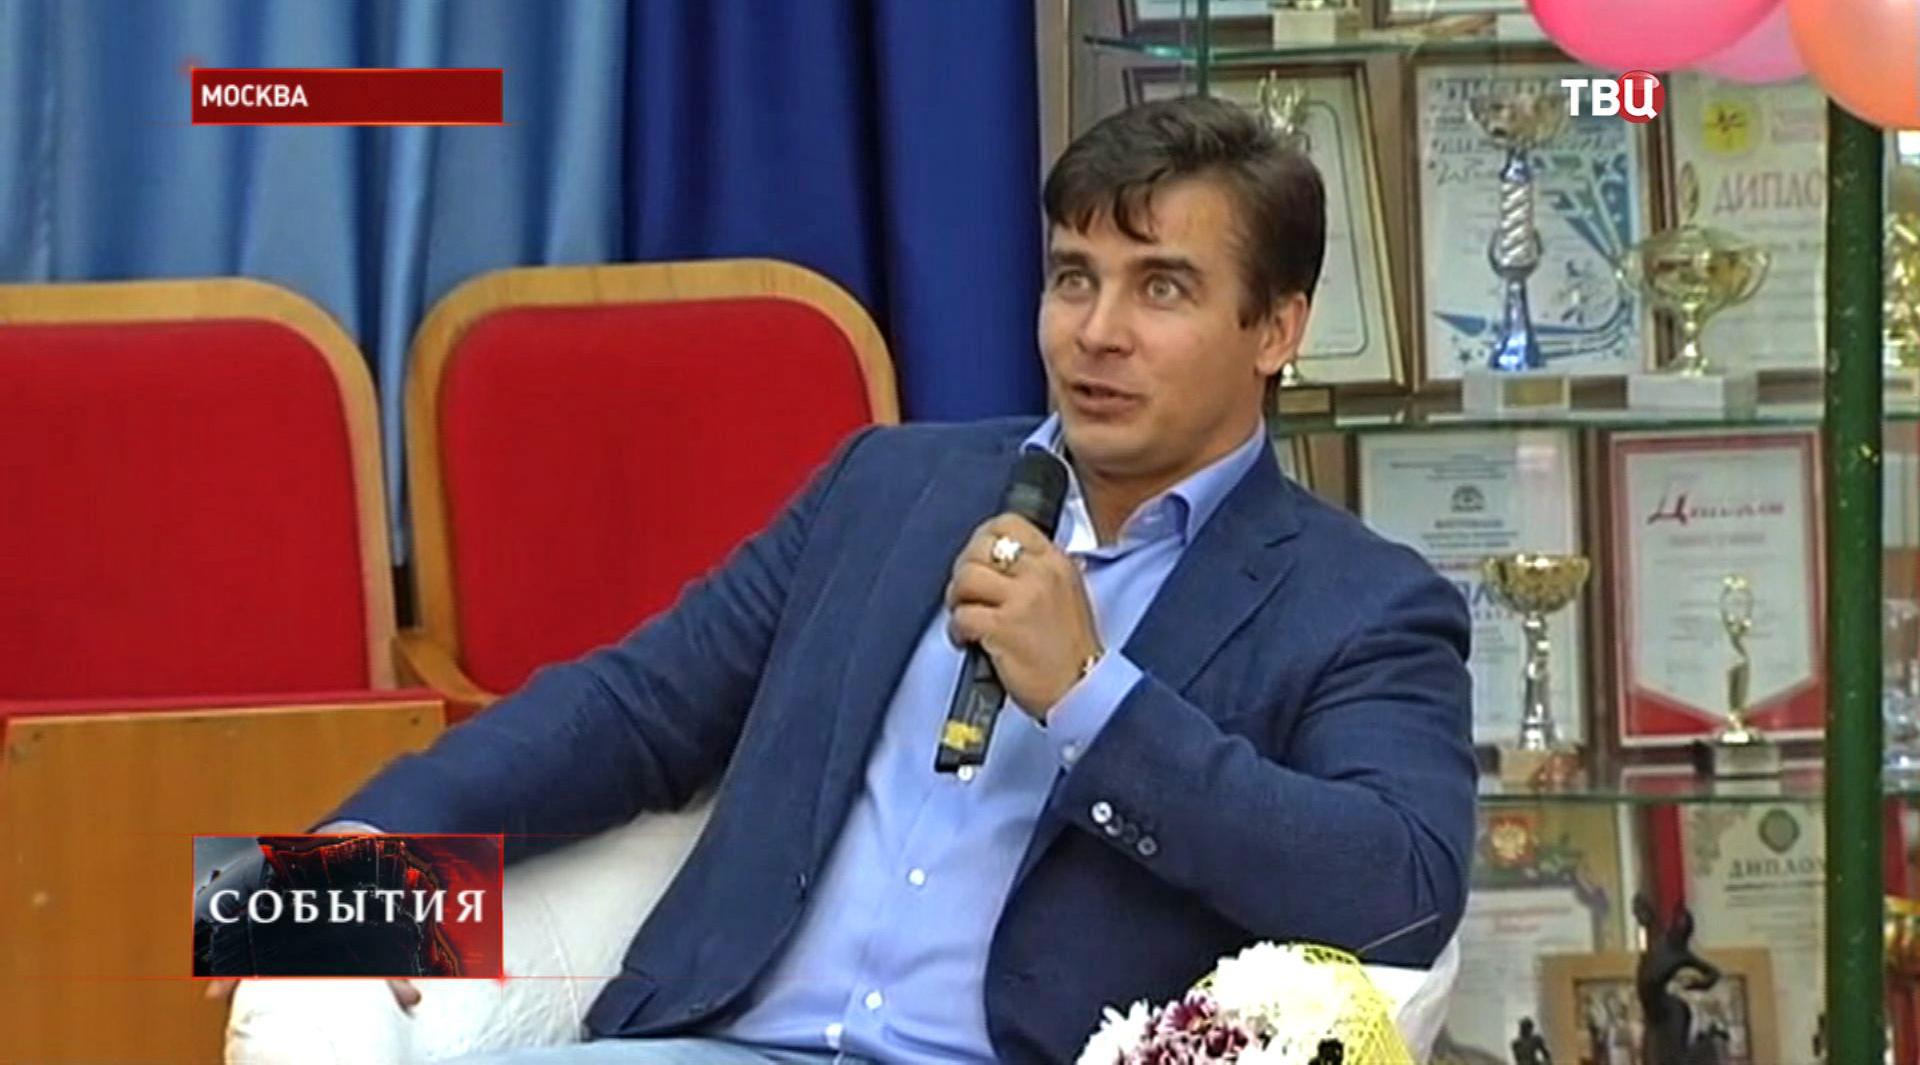 Альберт Демченко, Российский саночник, заслуженный мастер спорта России